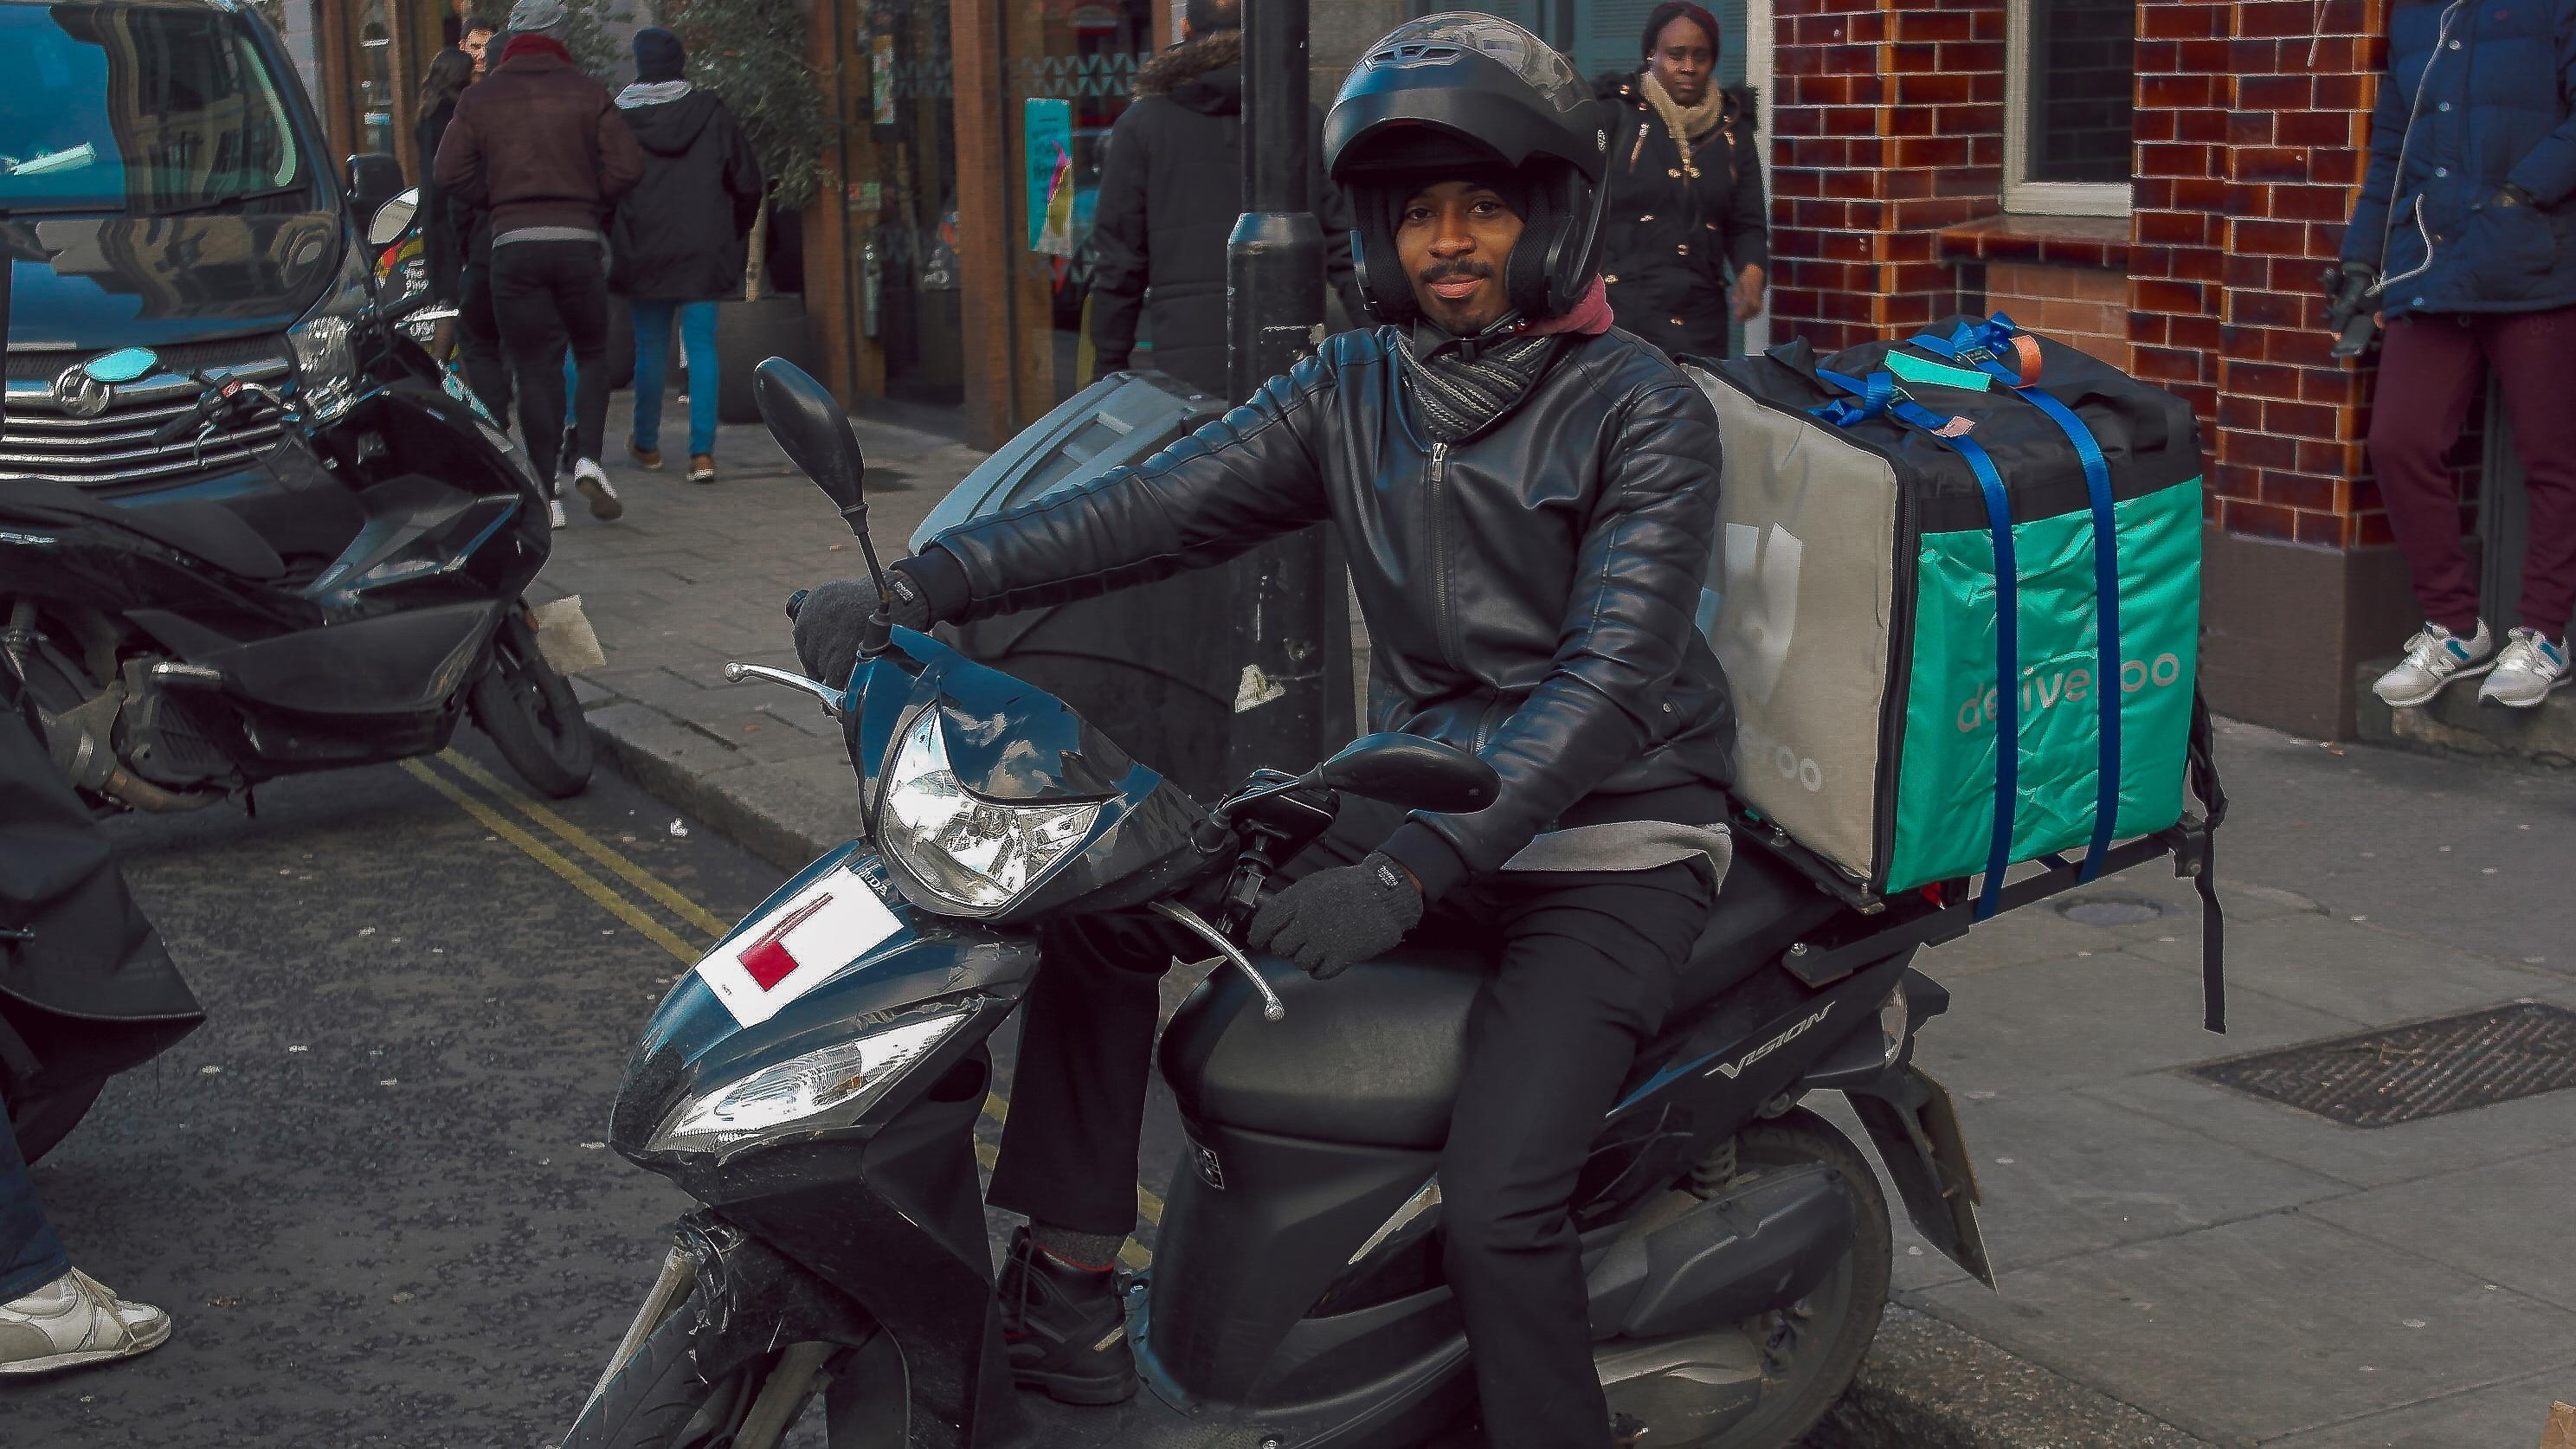 Daniel | Honda Vision Scooter